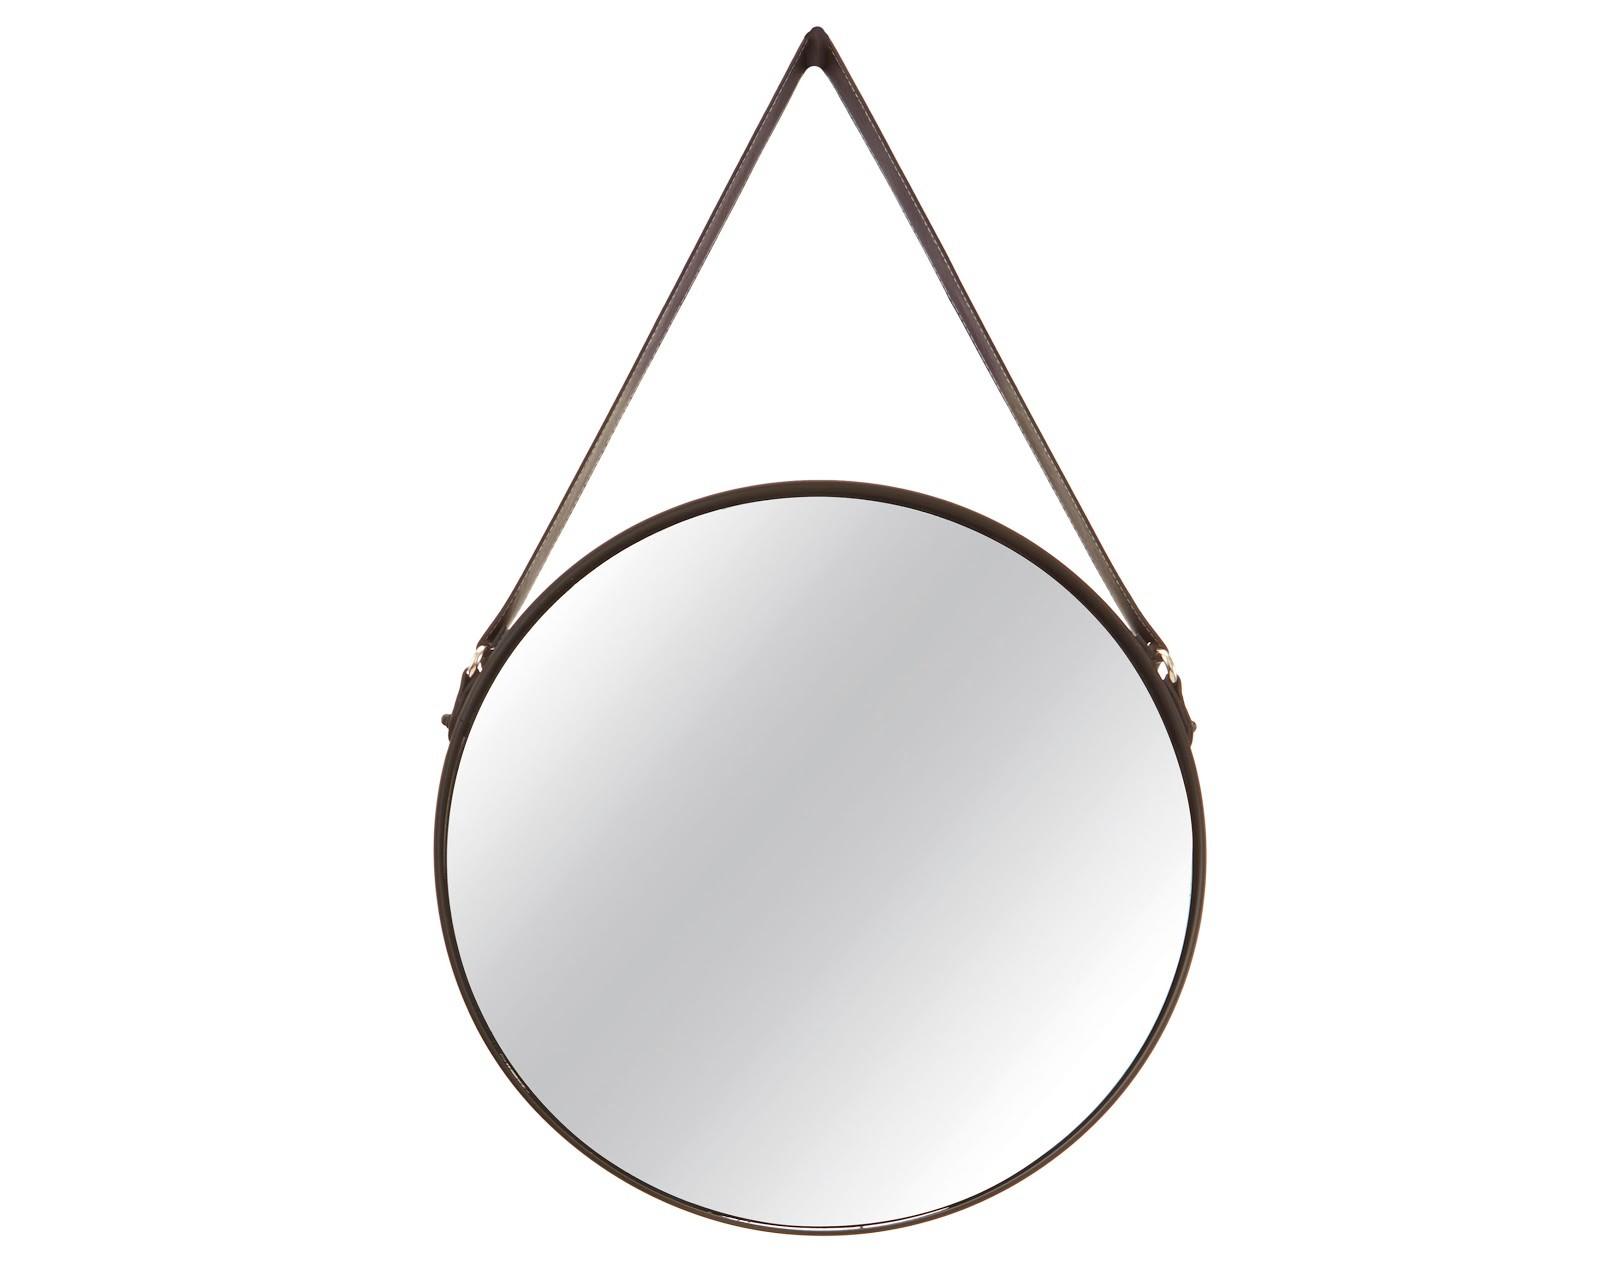 Espelho com Alça - Preto